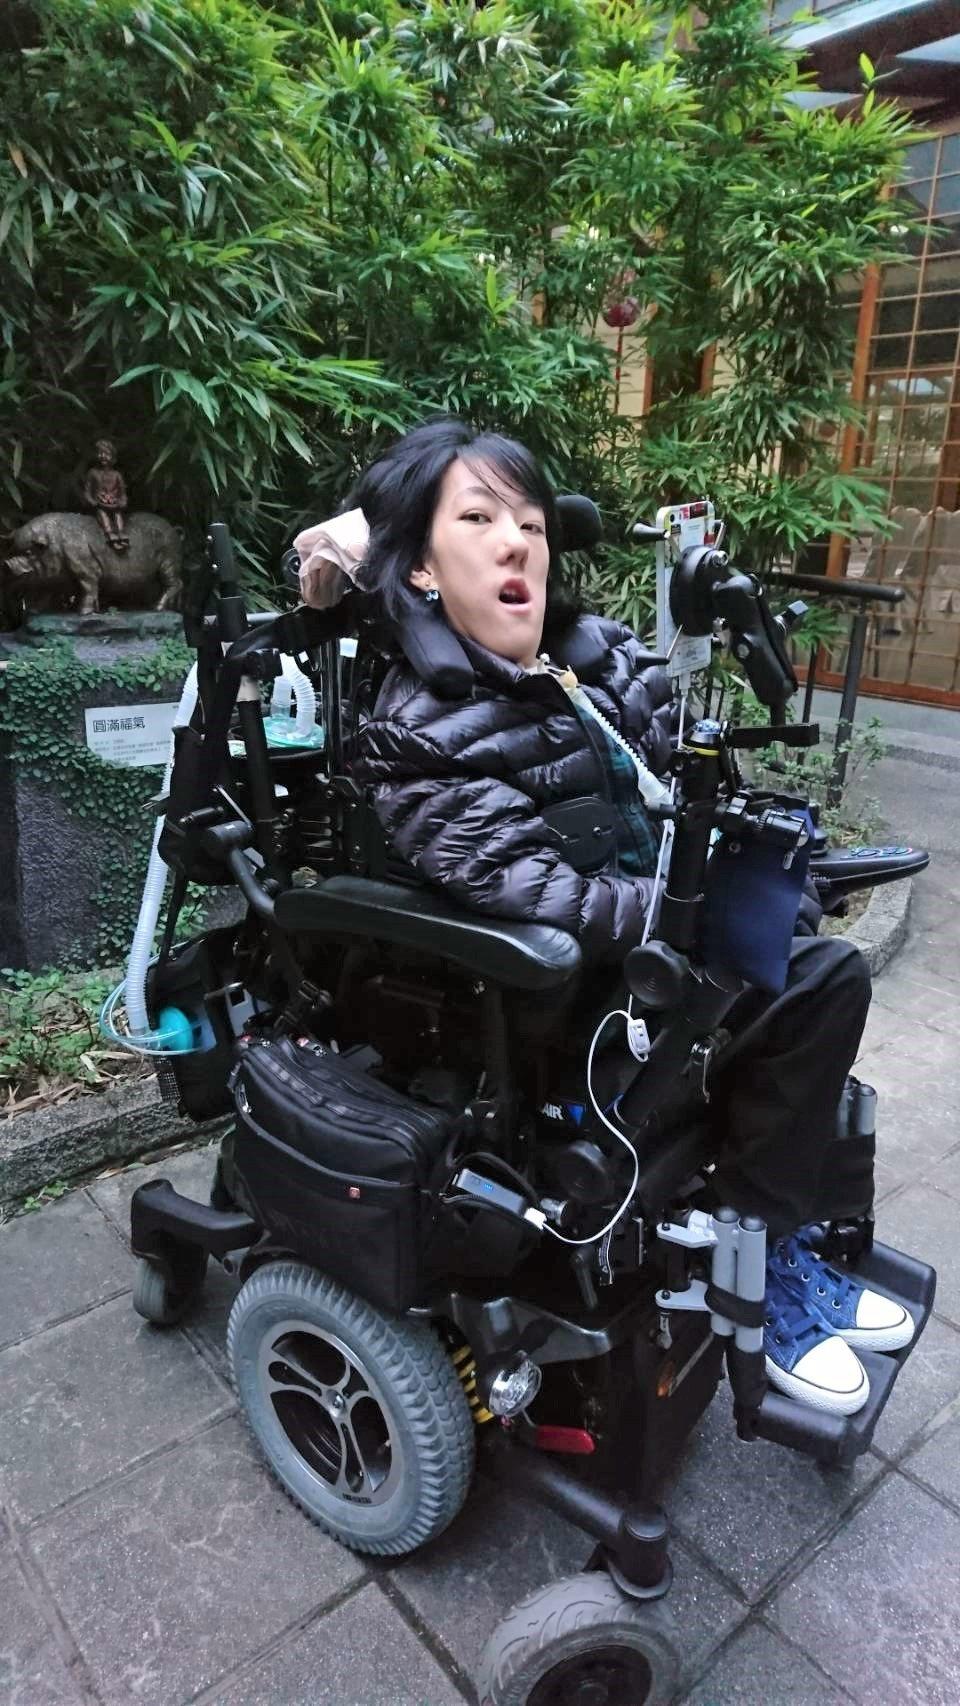 自幼罹患線狀體肌肉病變的19歲女孩陳婉坪,有著常人難及的樂觀與韌性,她用氣音說出...